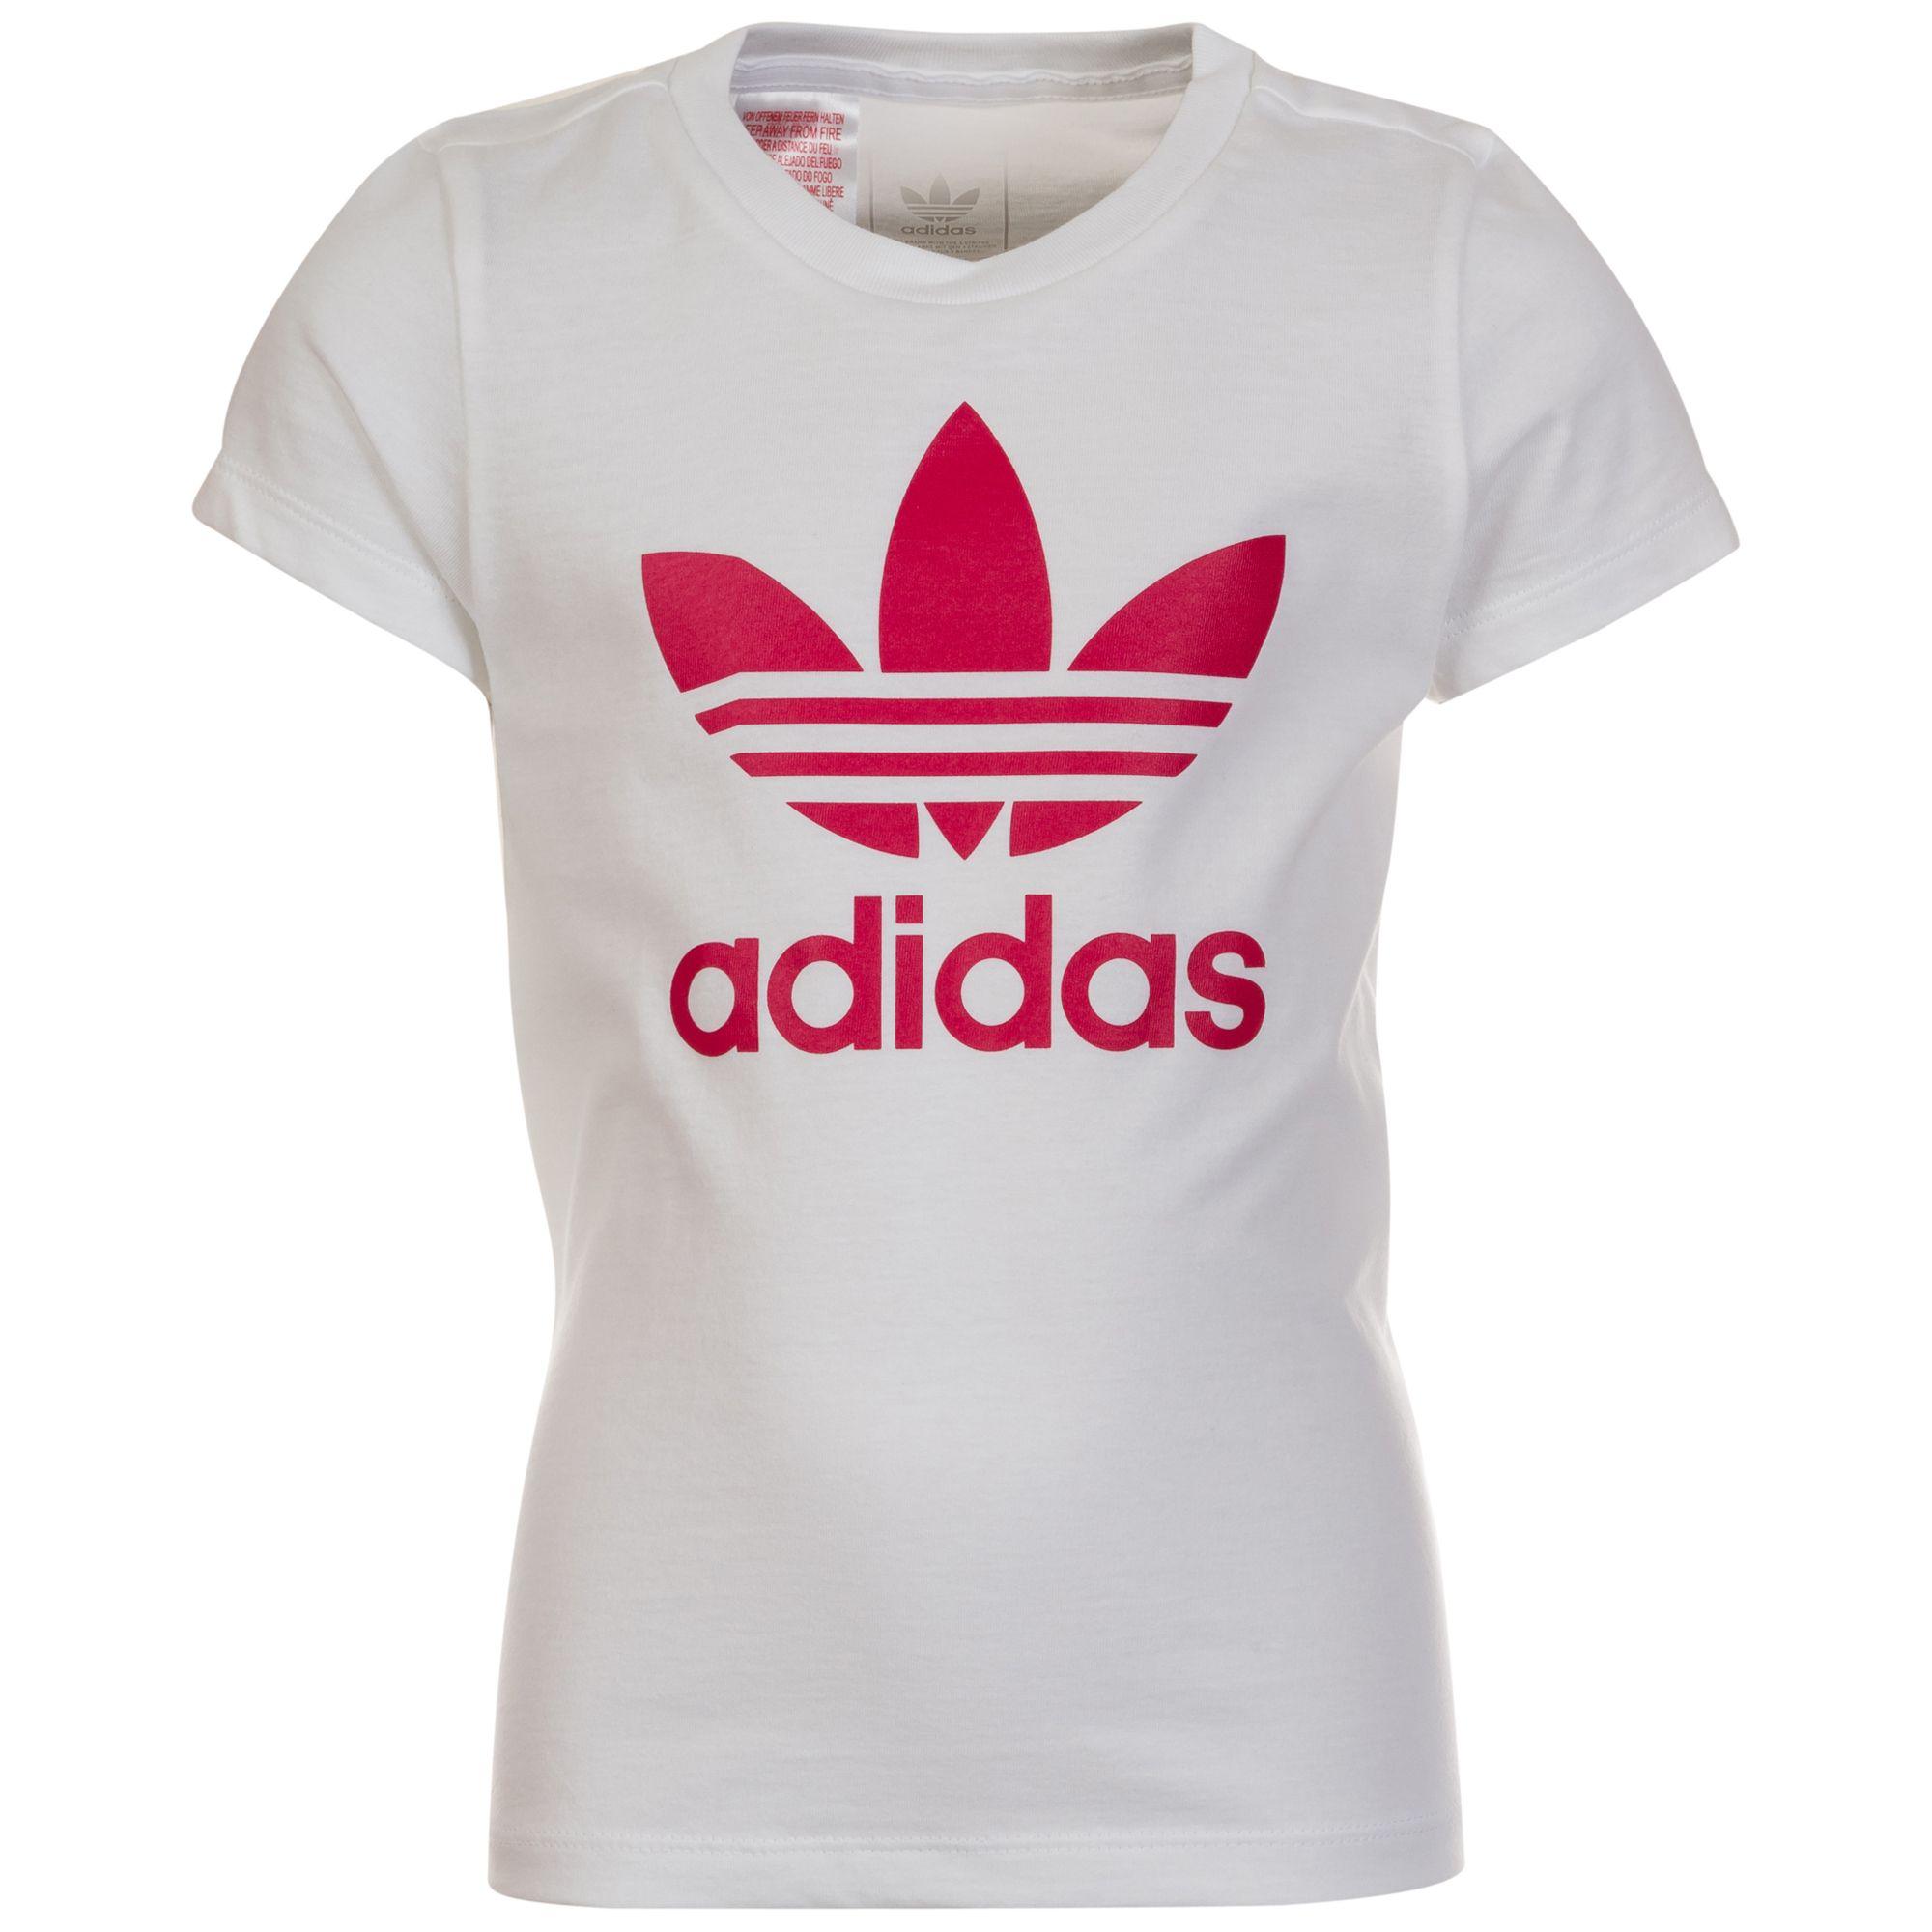 ADIDAS ORIGINALS adidas Originals T-Shirt »Trefoil«